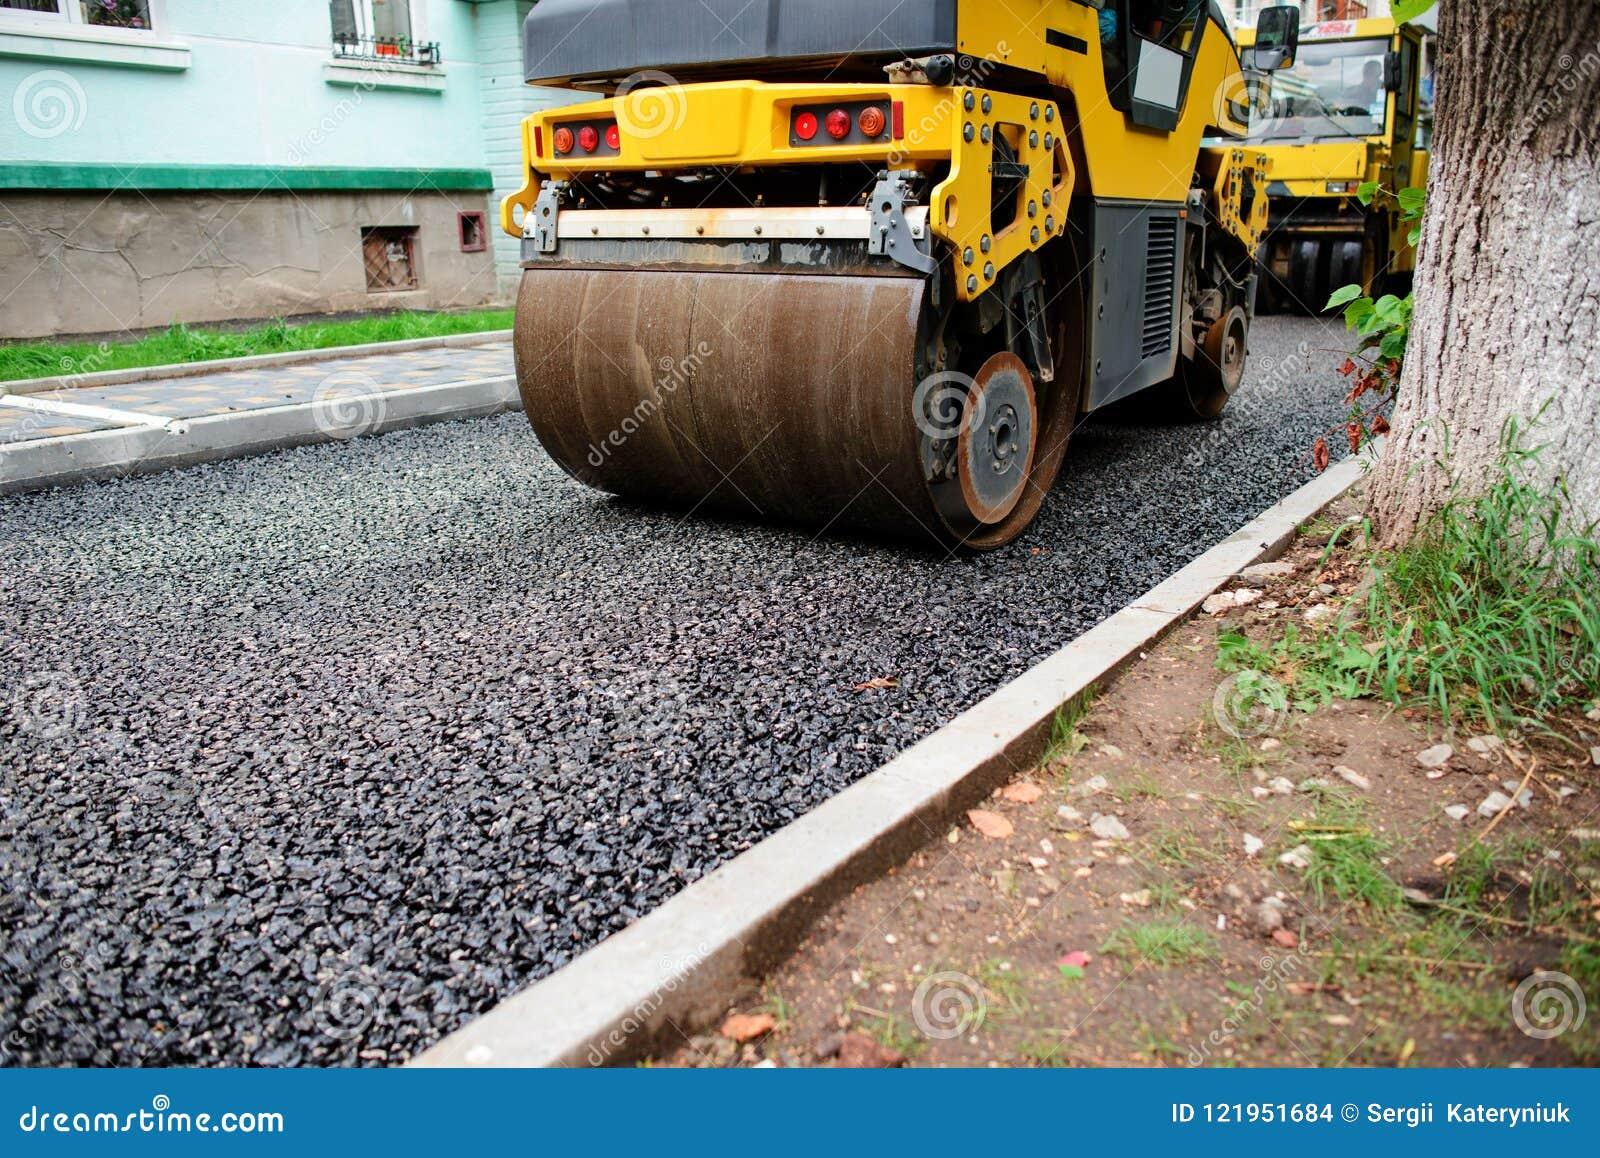 Achtergrond van asfaltrol dat stapelt en heet asfalt drukt De machine van de wegreparatie